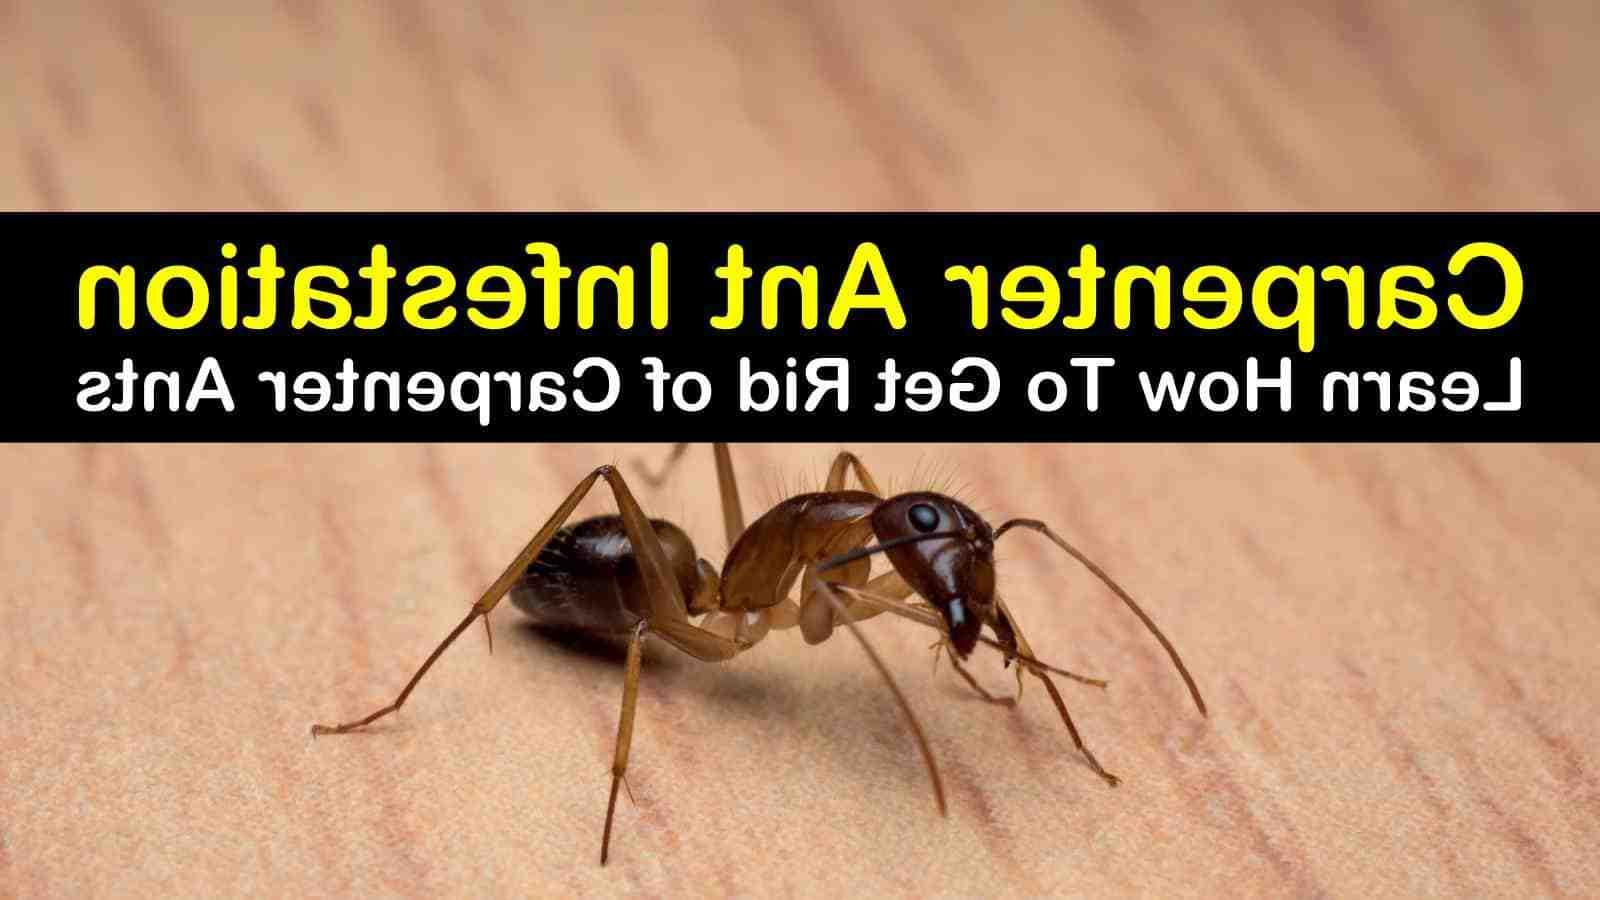 Qu'est-ce qui attire les fourmis noires ?